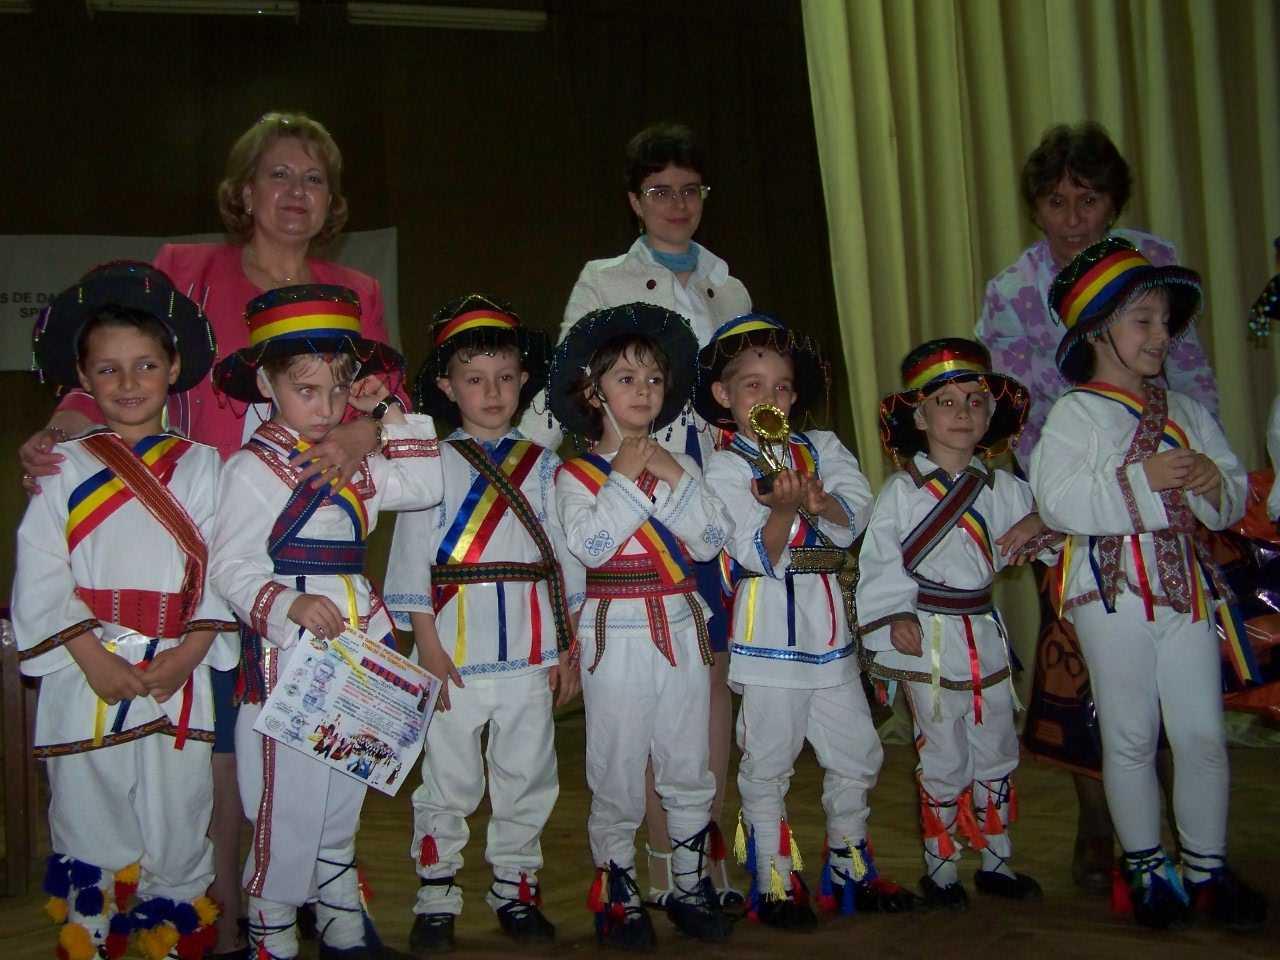 Trofeul primei editii a Concursului de dansuri populare dobrogene si ale etniilor din Dobrogea castigat de Gradinita 33 Constanta